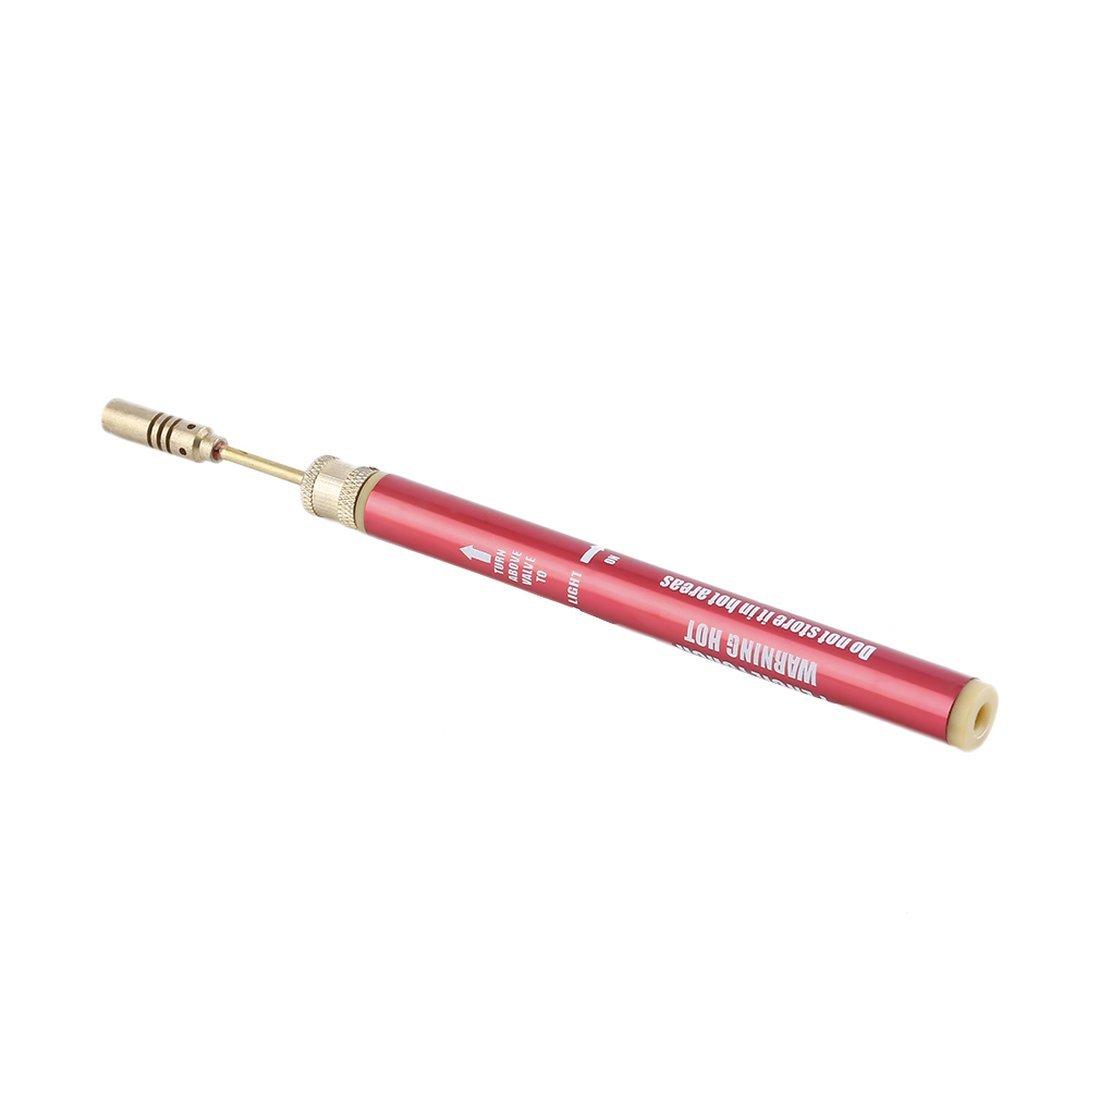 Mini Pink Gas Blow Torch Soldadura Soldador Hierro Inalá mbrico Soldador Pen Quemador Antorcha Soldador Tubane Torch Formulaone